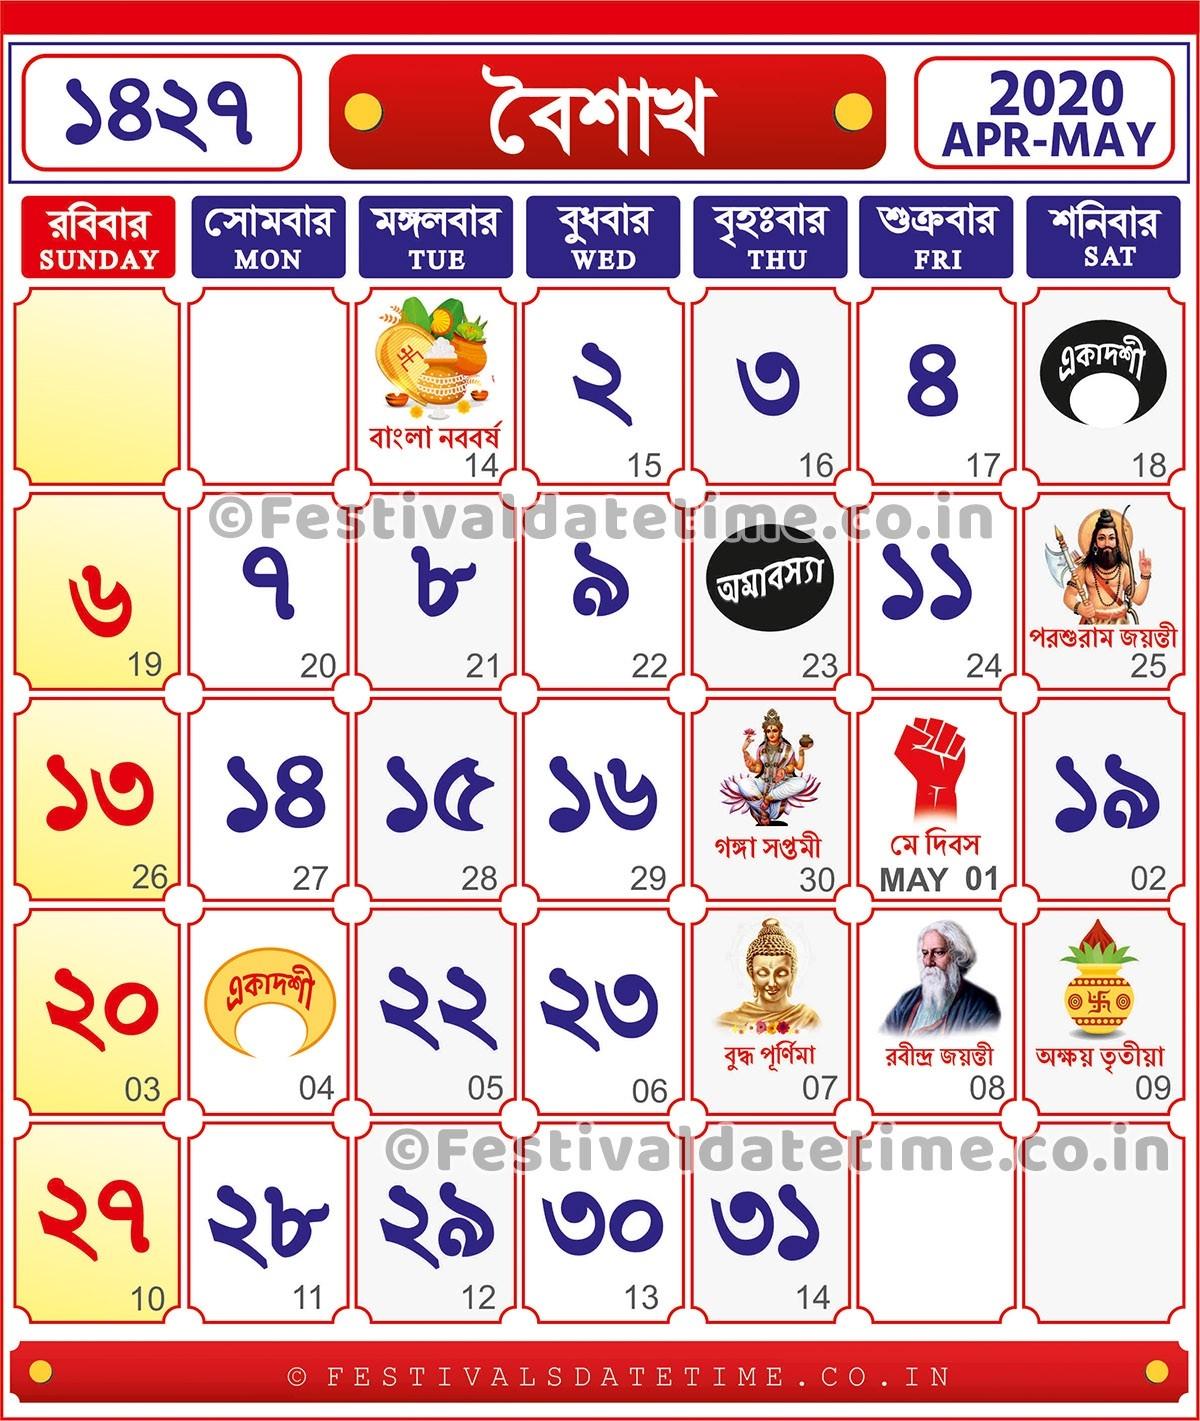 1427 Bengali Calendar - Baisakh 1427, 2020 & 2021 Bengali-January 2020 Calendar Vivah Muhurat